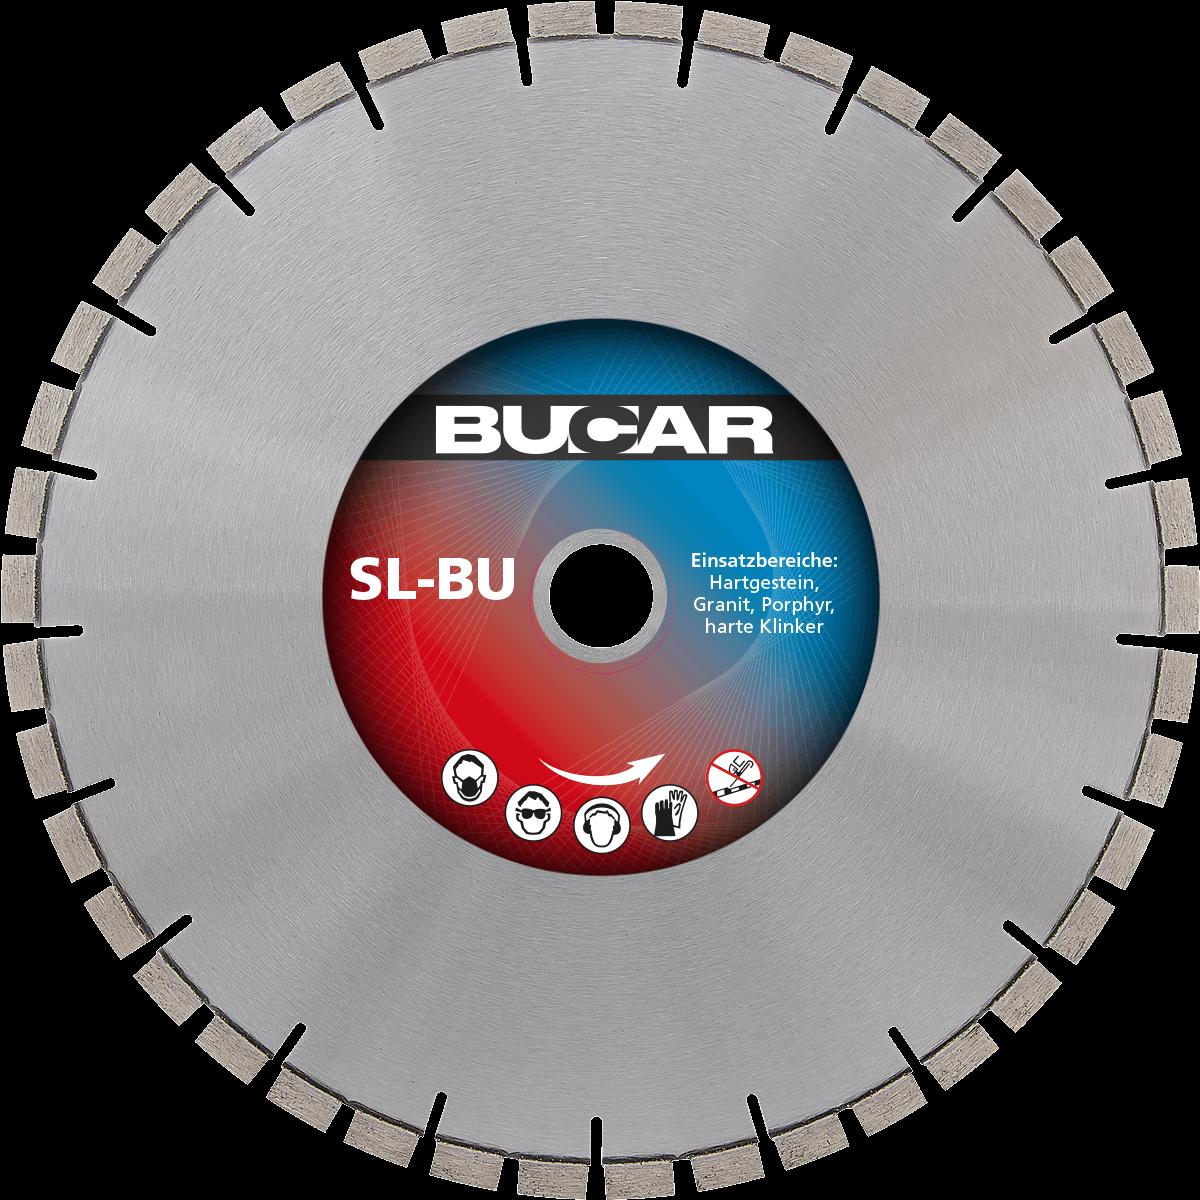 SL-BU - Ø 300 mm